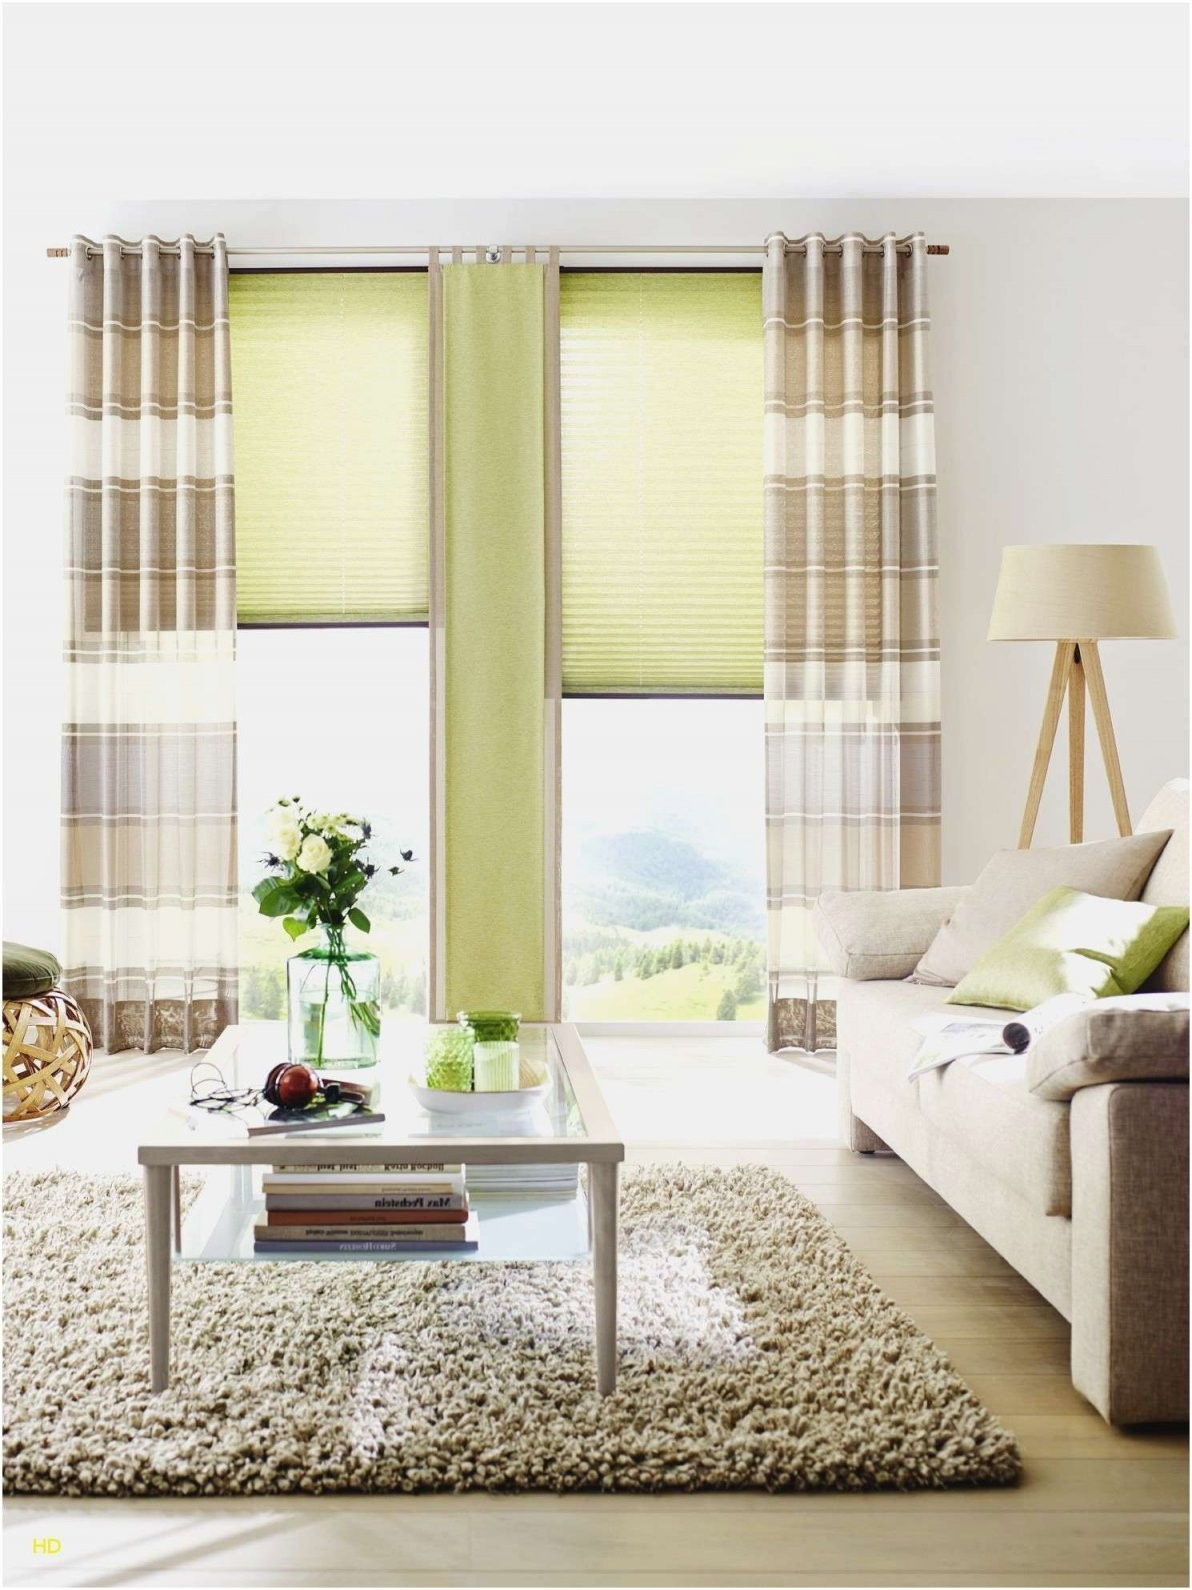 Luxury Große Fenster Dekorieren Ohne Gardinen Designideen Von Große von Fenster Ohne Gardinen Dekorieren Bild